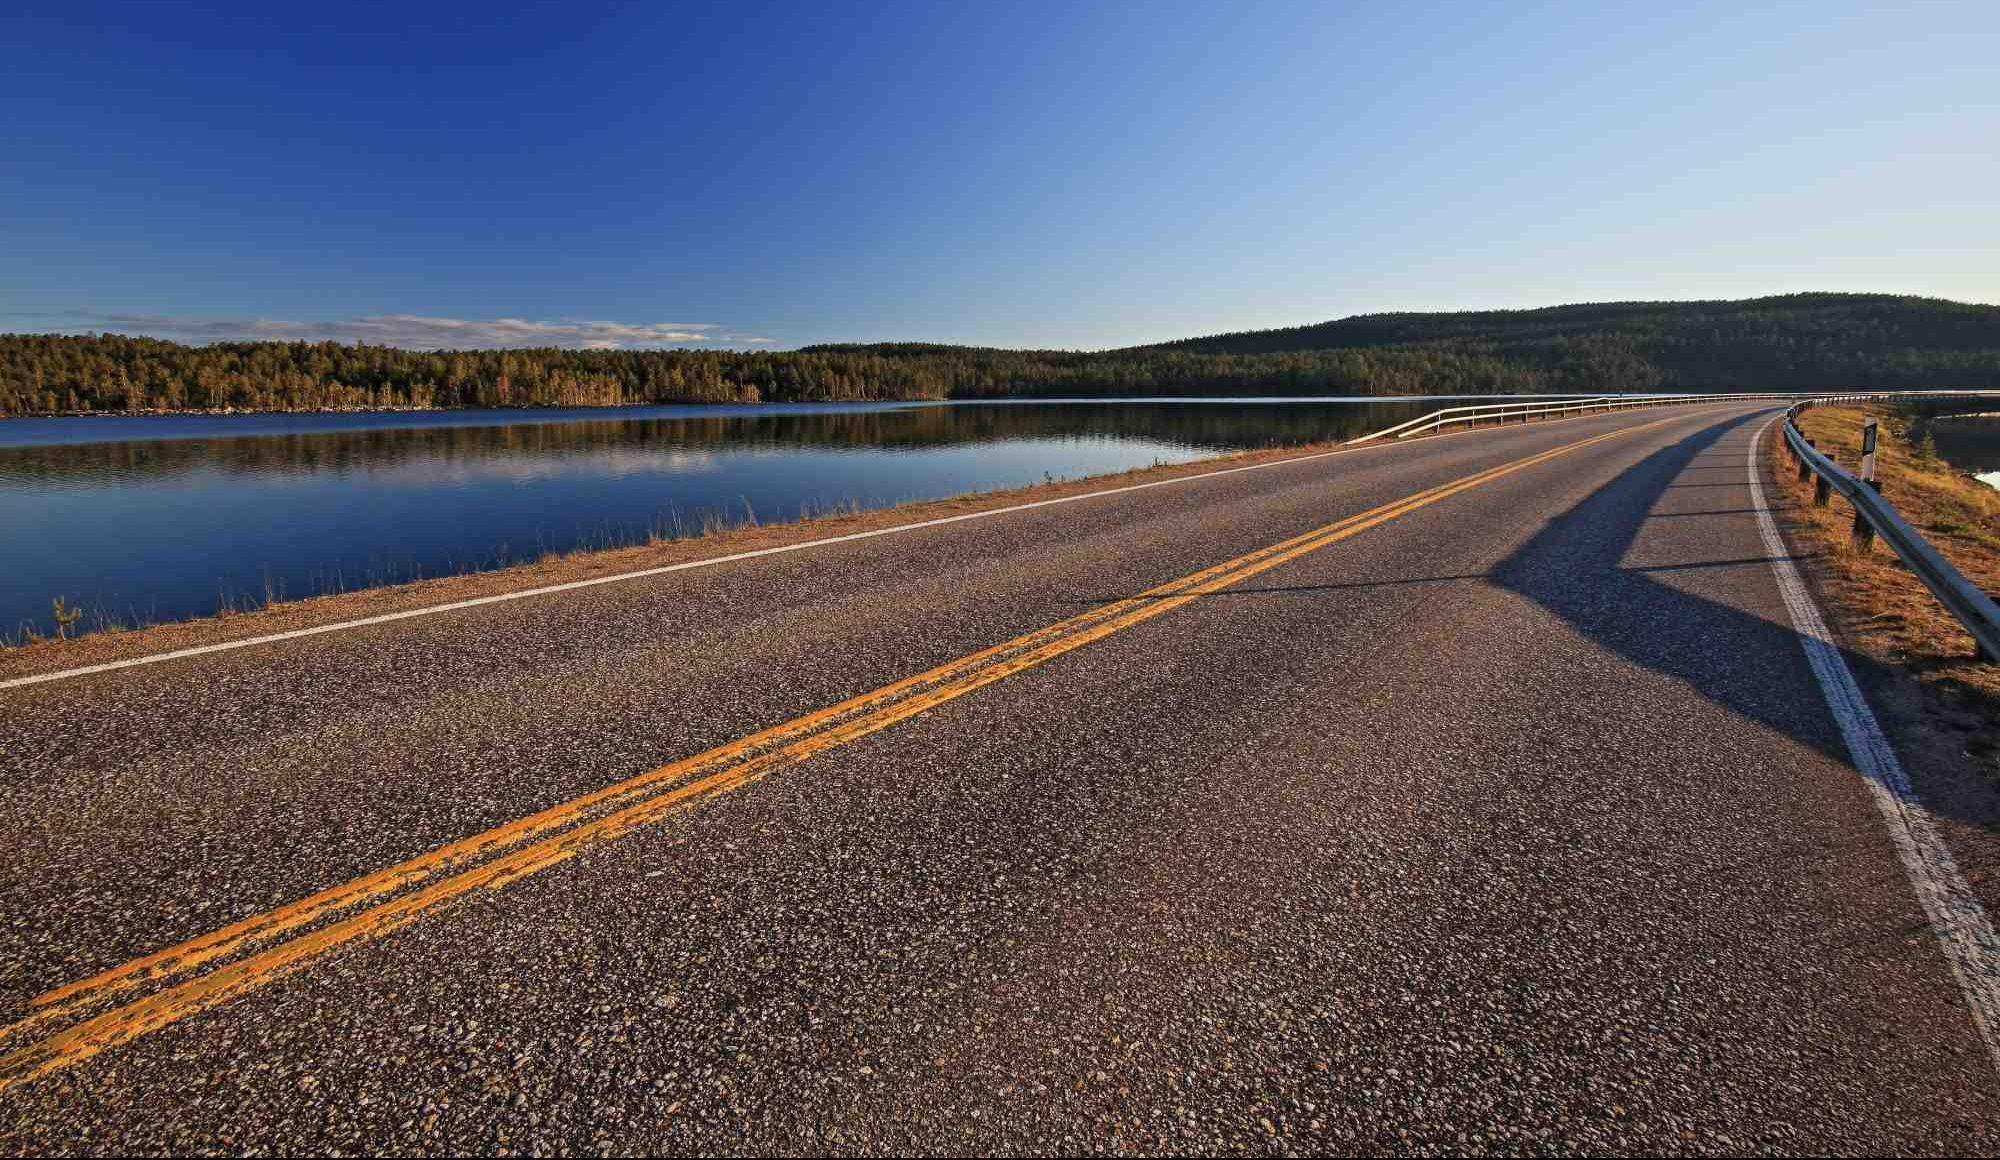 Finska ima odlicne hitre ceste, le paziti je potrebno na pijane lose